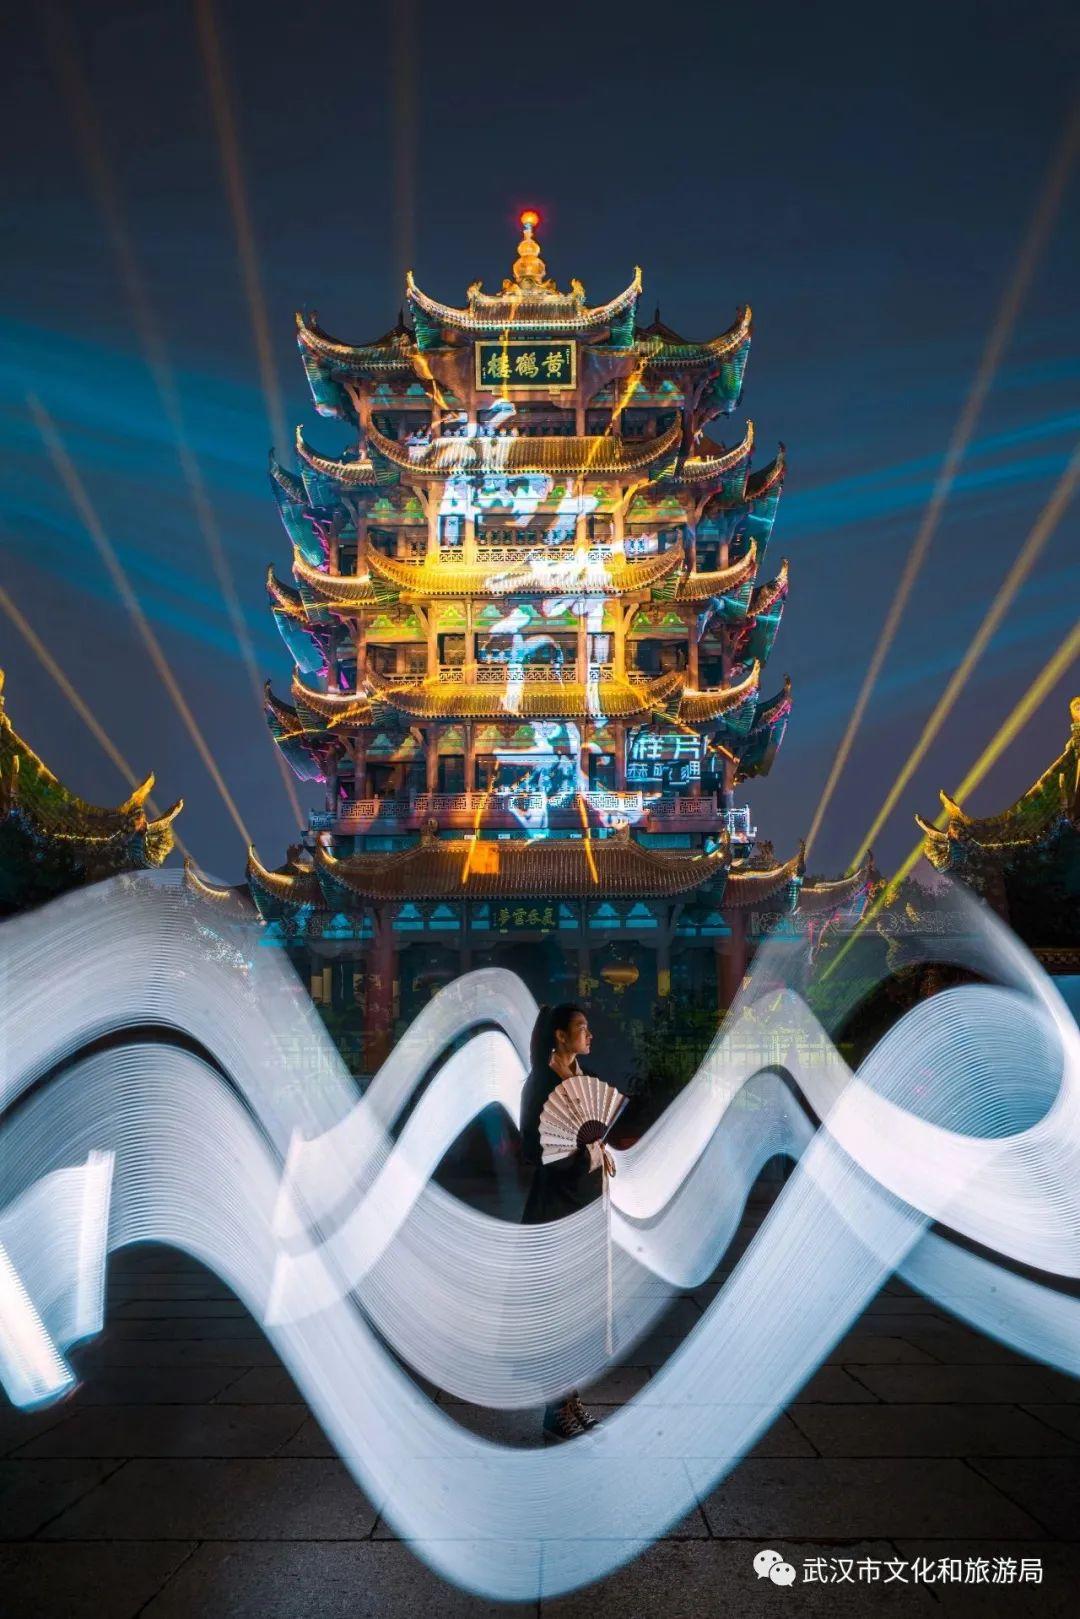 英雄之城—武汉绝美盛大烟花秀!仅需4小时,get郑州人的绝妙五一假期!